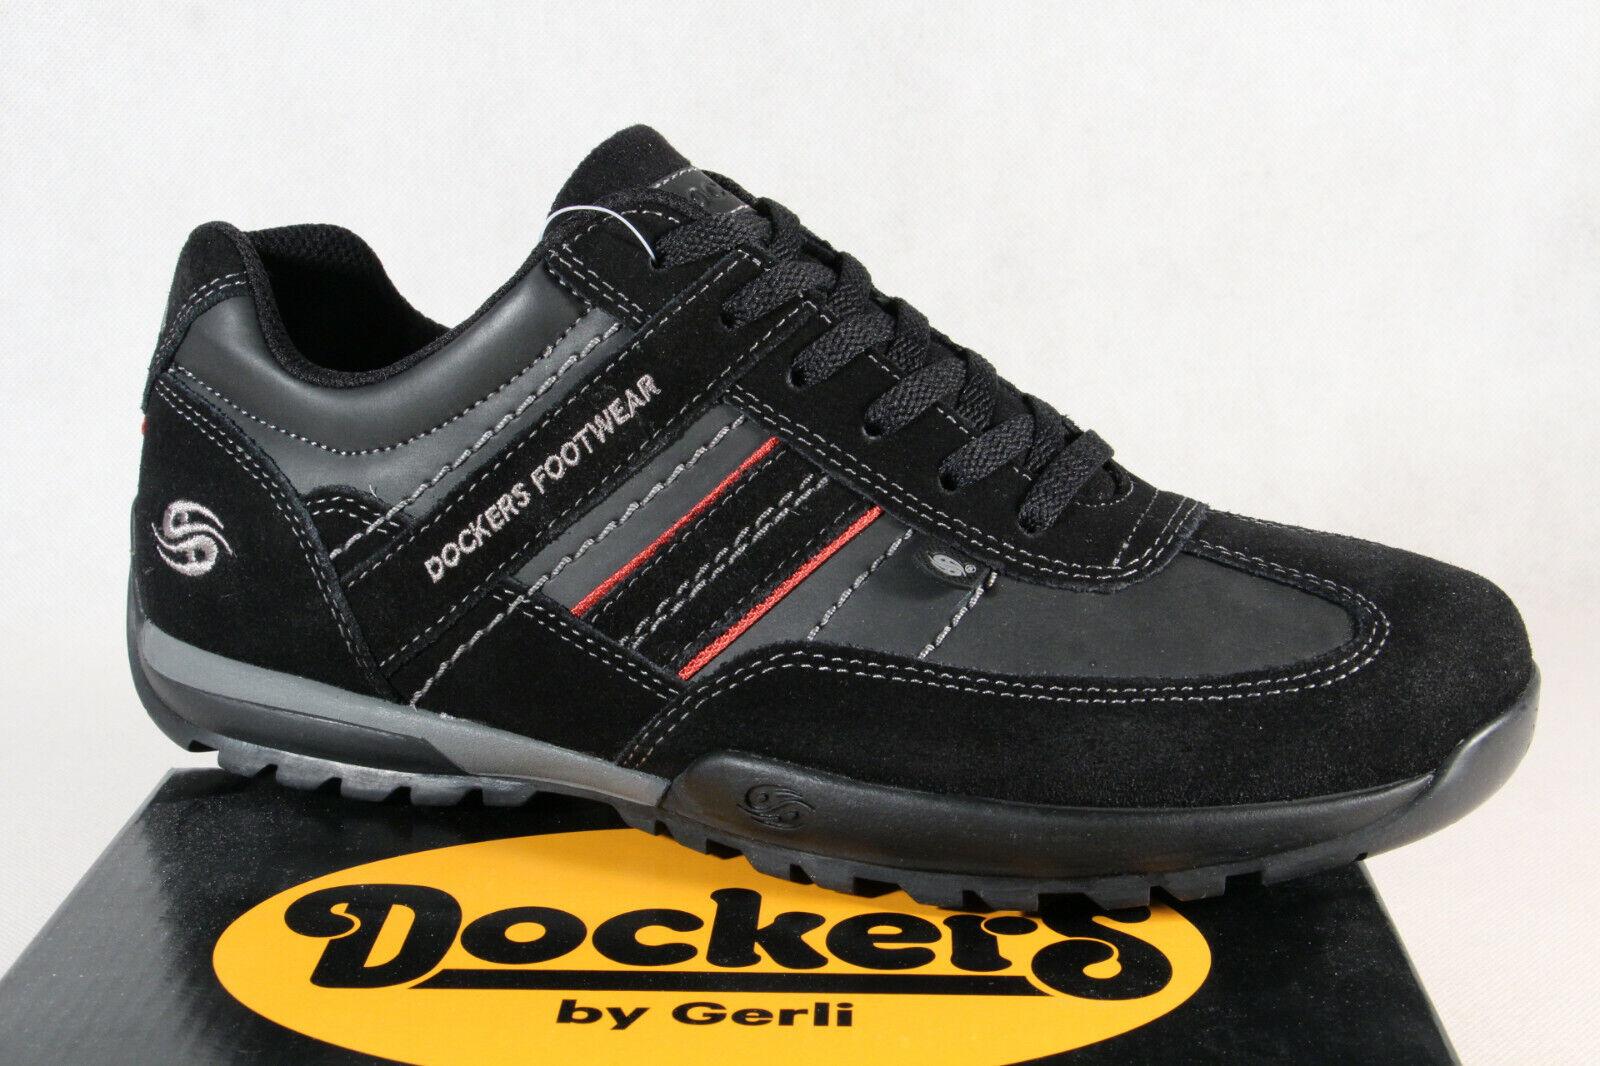 pick up ae8be b696c Dockers Herren Schnürschuhe Sneaker Halbschuhe schwarz/ grau 36 HAT 001 NEU!